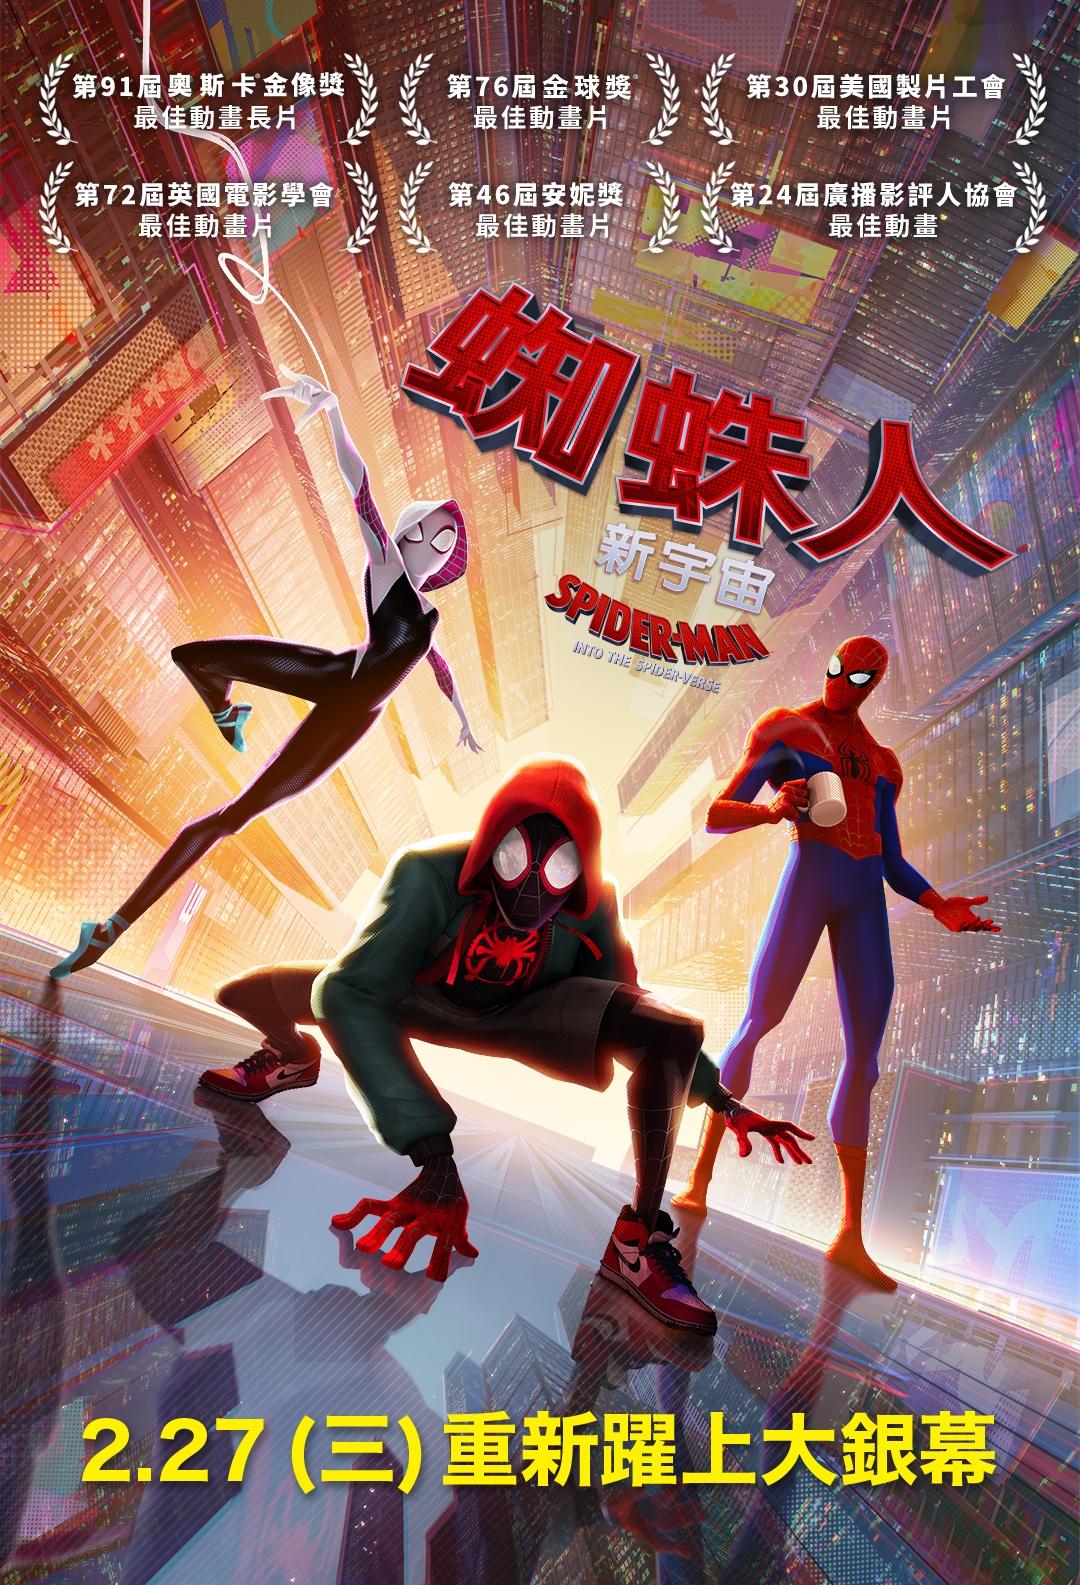 奧斯卡/成功鍍金奪最佳動畫長片 《蜘蛛人:新宇宙》加廳上映!